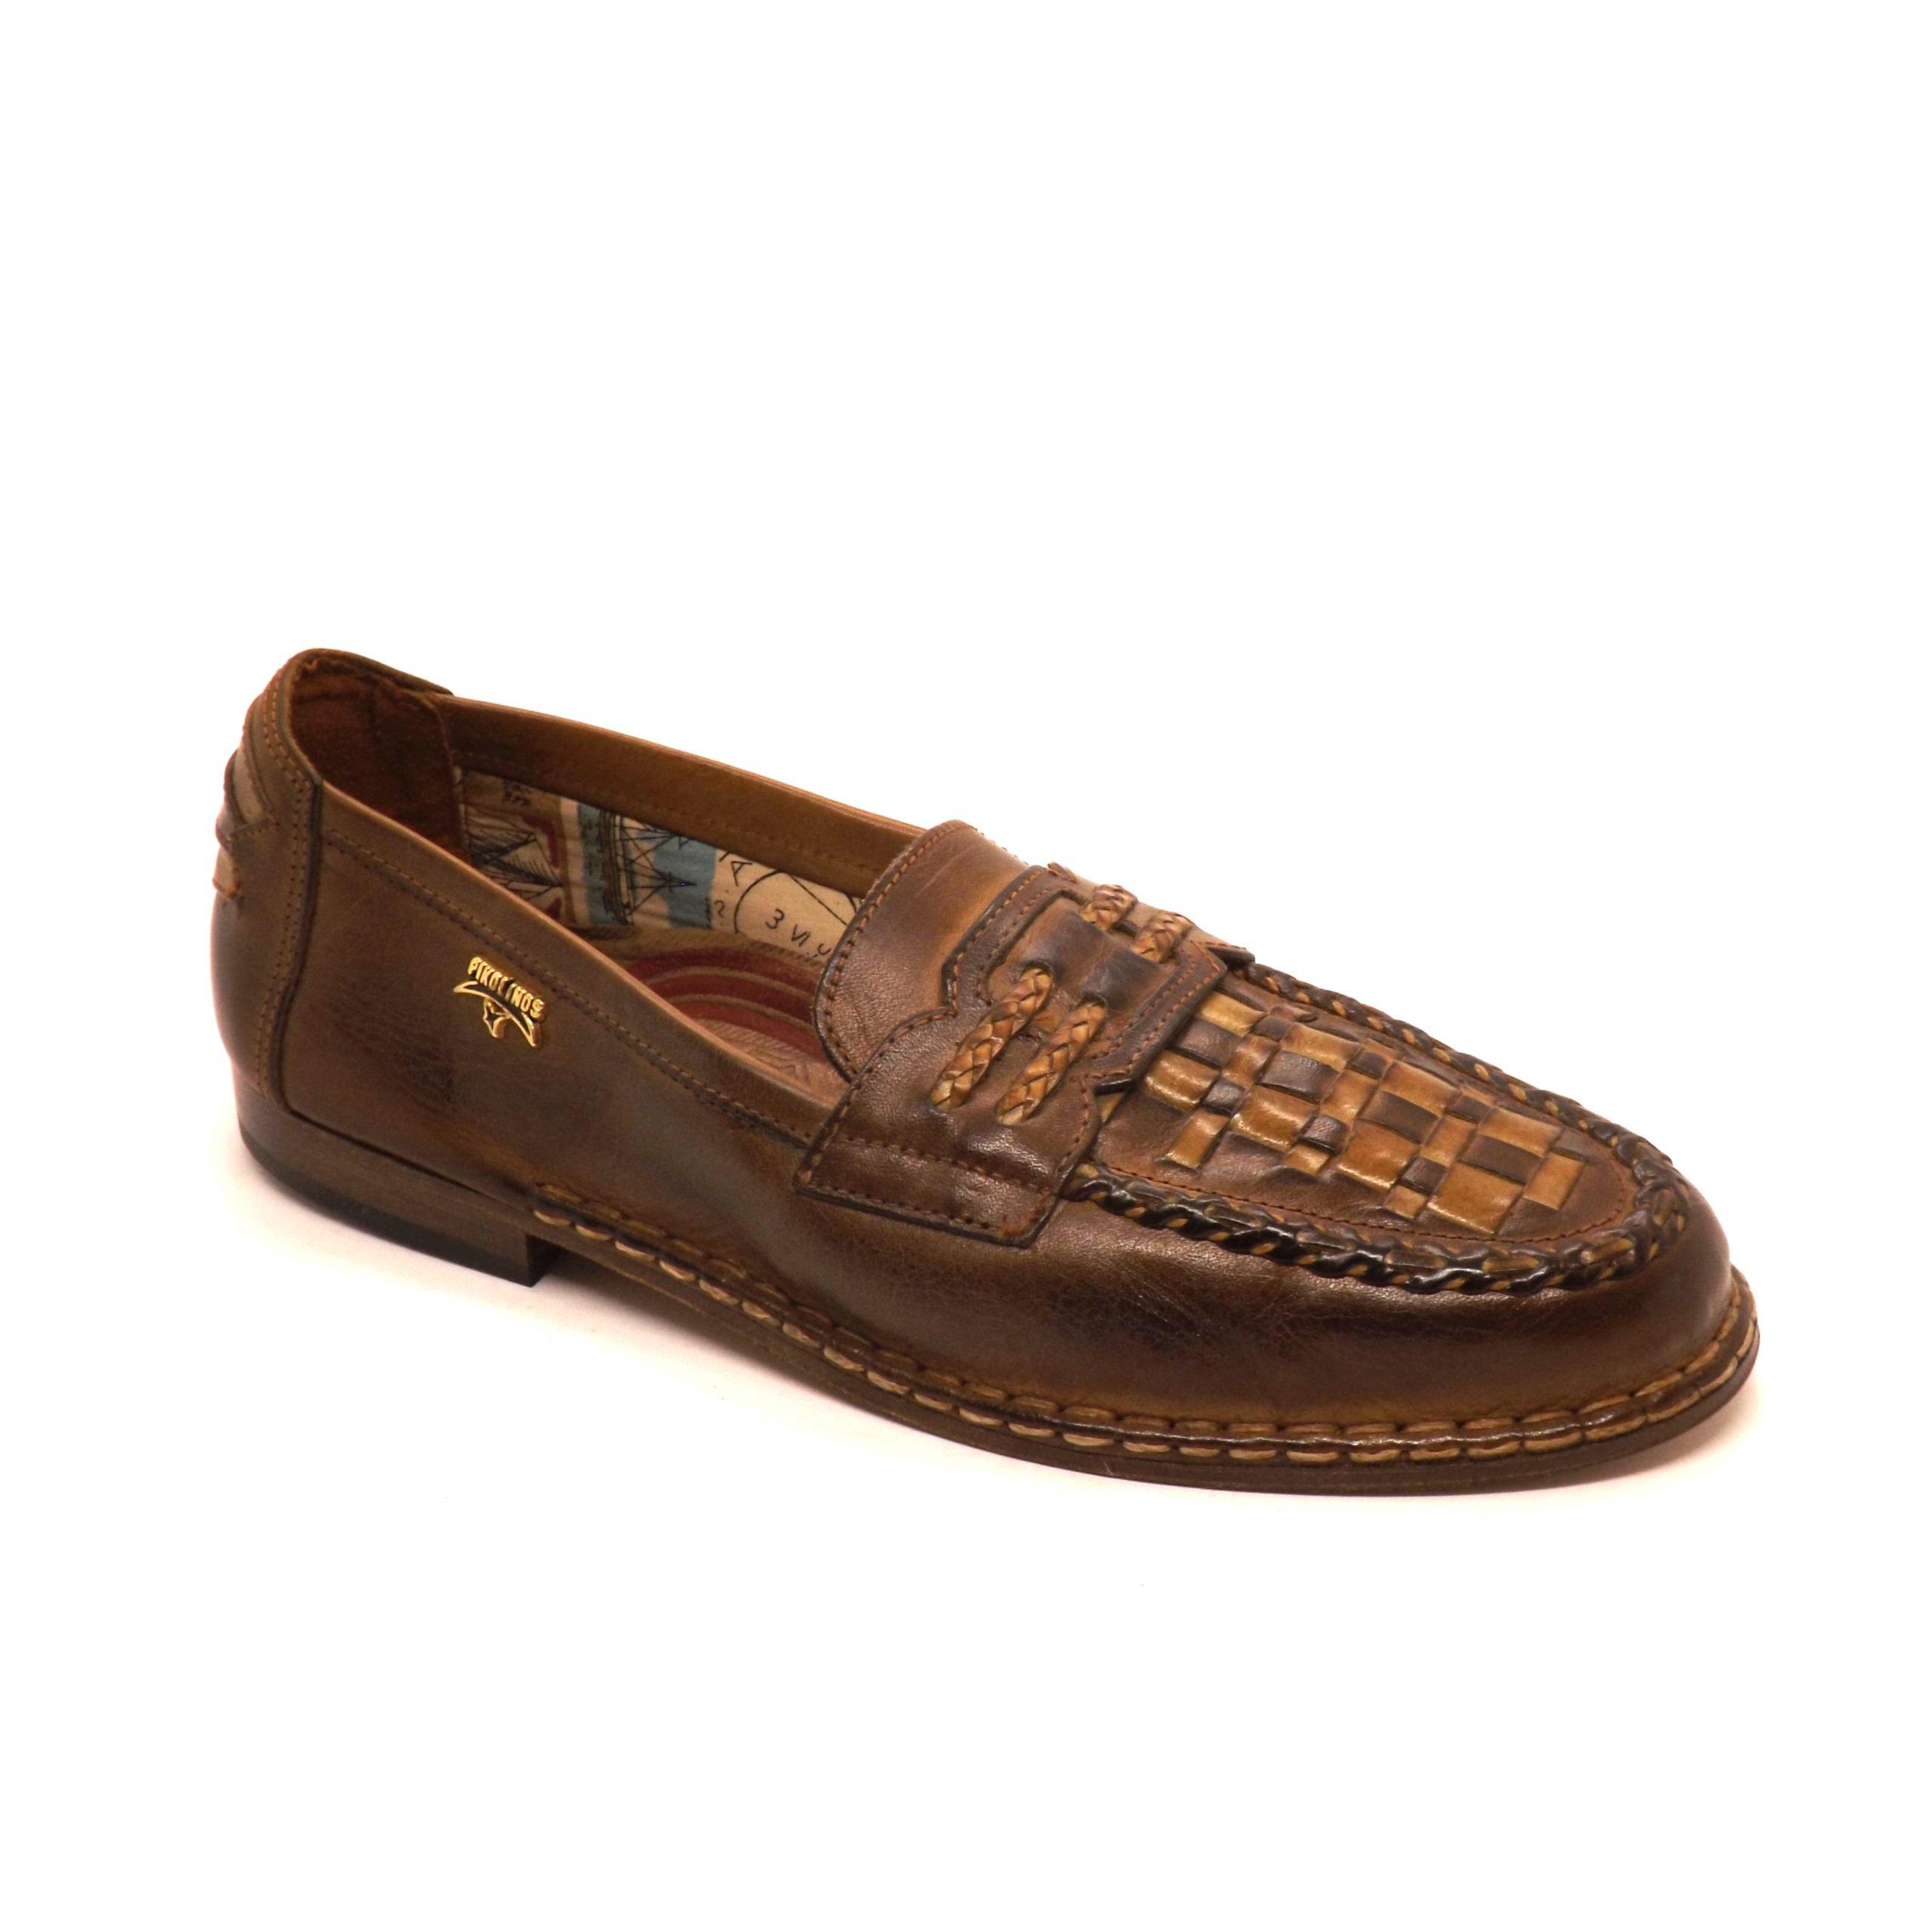 Zapato trenzado pikolinos